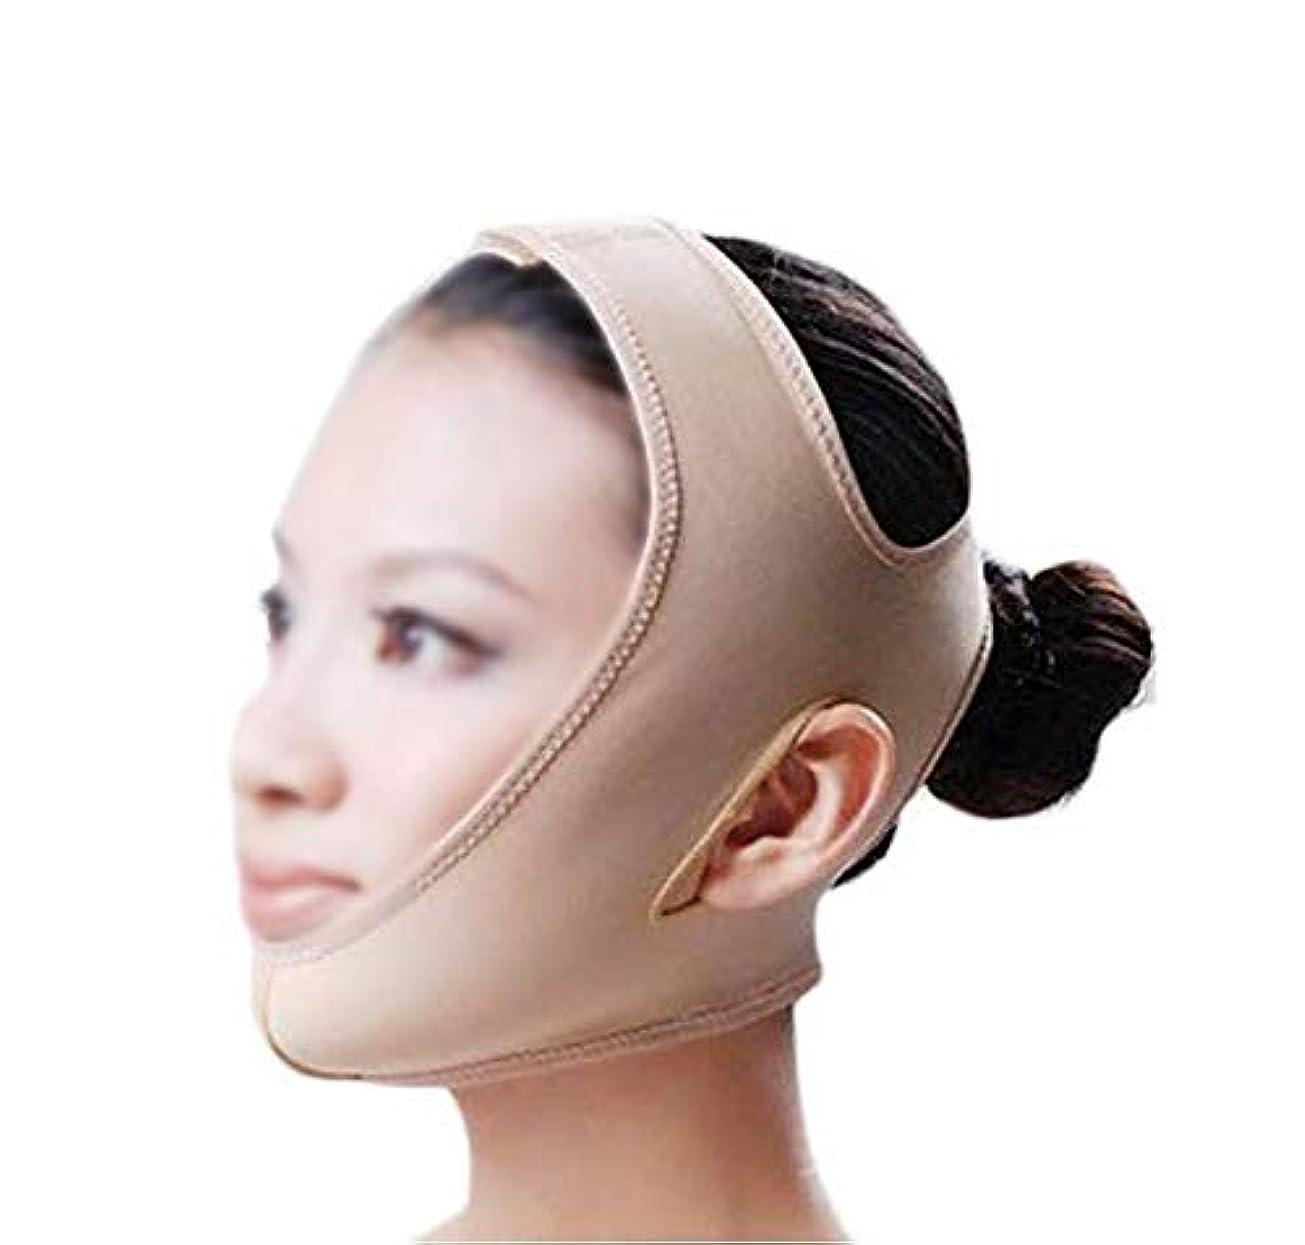 すごい薄汚い付けるTLMY 引き締めマスクマスクフェイシャルマスク美容薬マスク美容V顔包帯ライン彫刻引き締めしっかりした二重あごマスク 顔用整形マスク (Size : S)